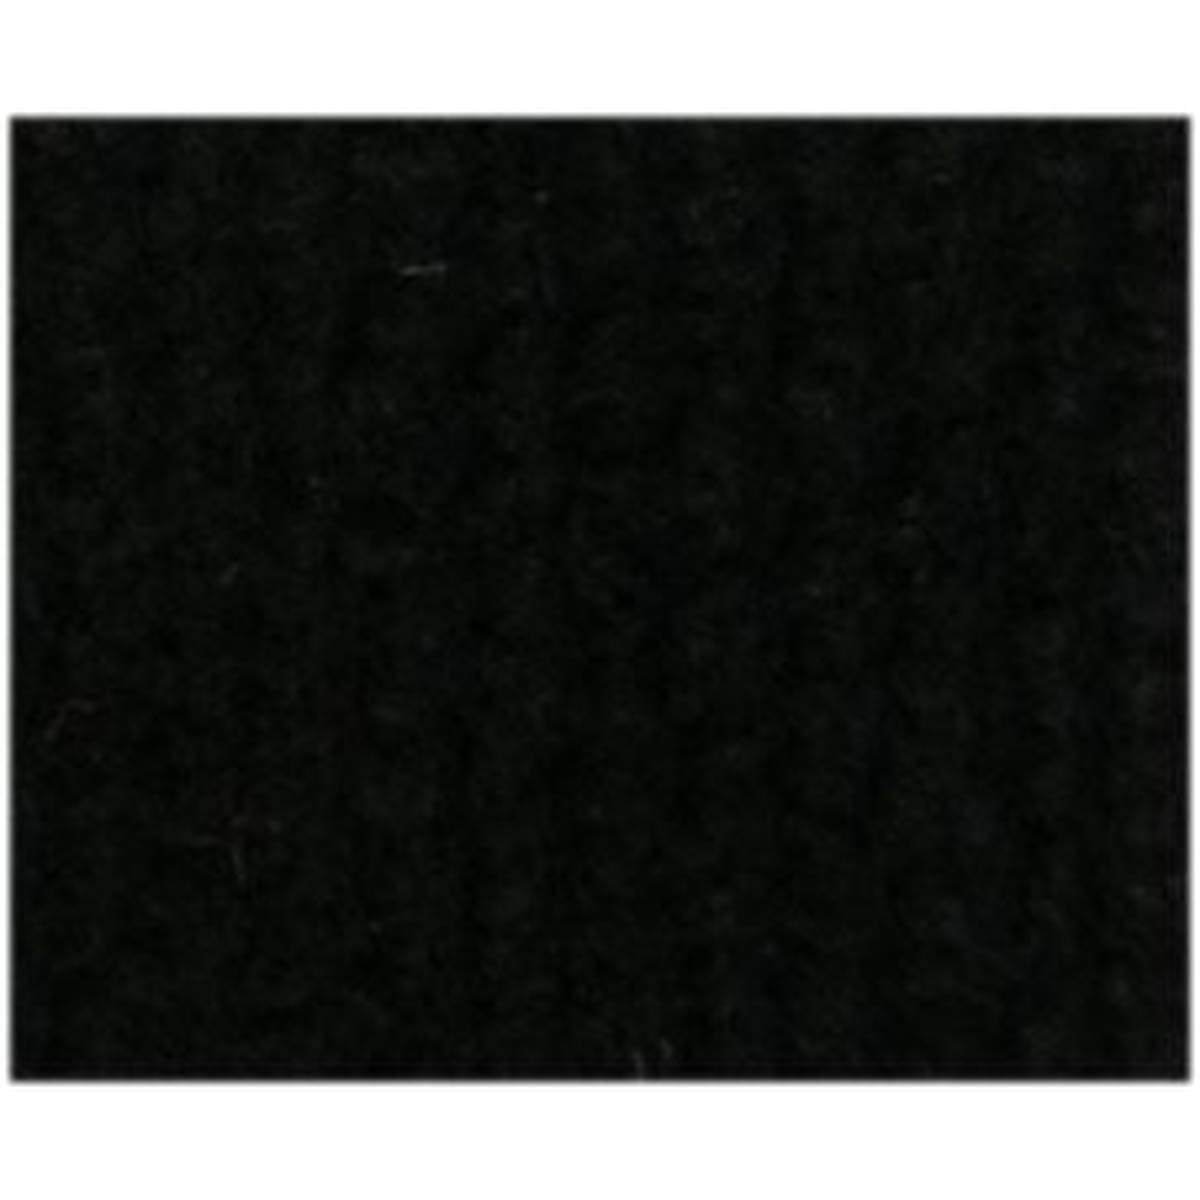 Moquette acoustique voiture noir 70 x 140 cm